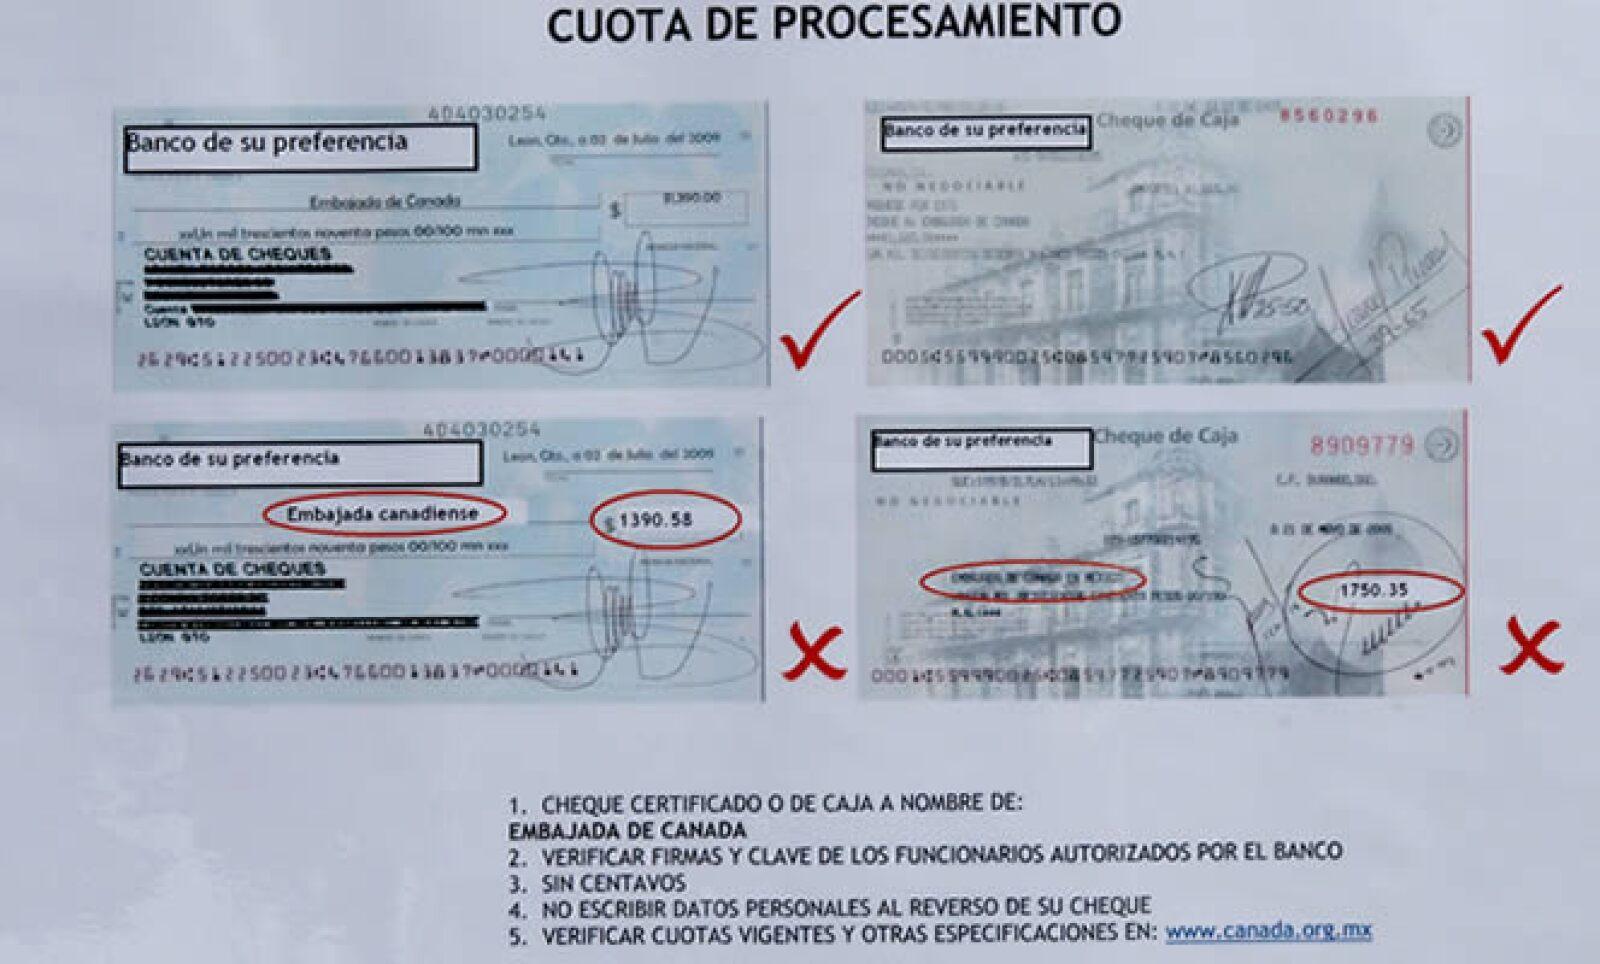 El trámite se puede pagar con cheques de cualquier banco a nombre de la Embajada de Canadá.